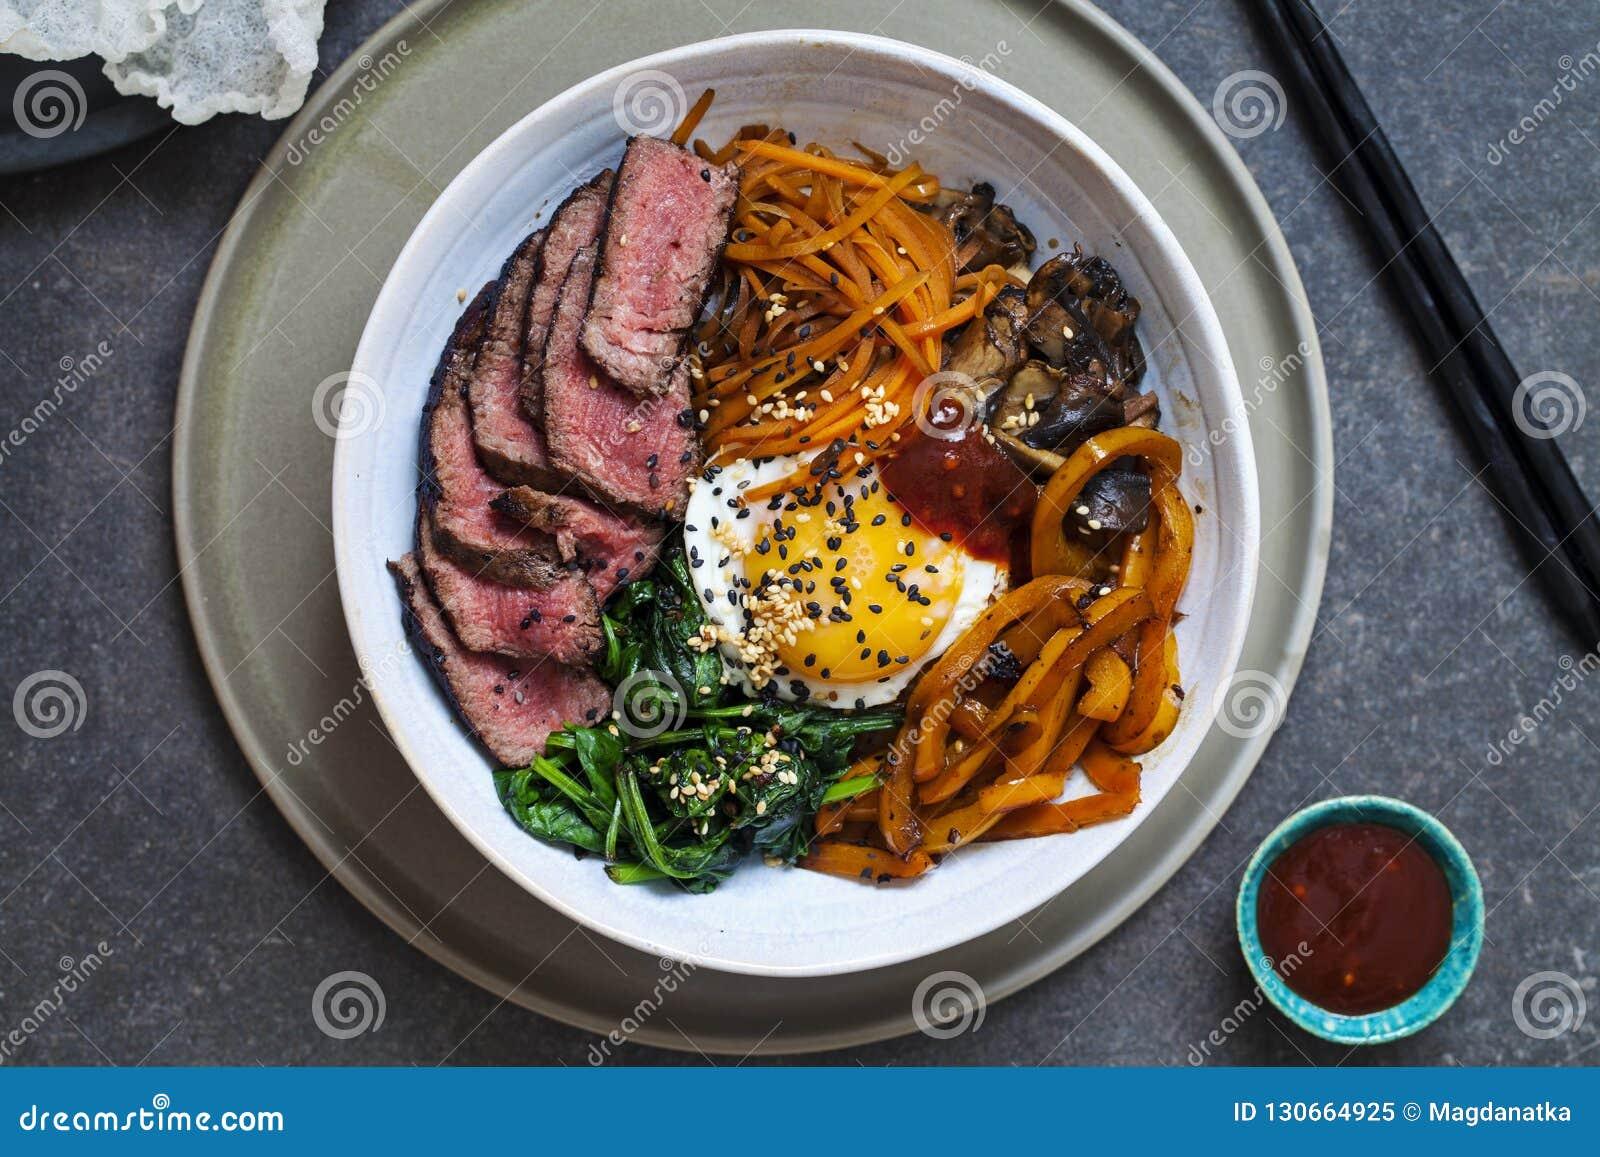 Bibimbap, Koreańska wołowina i warzywa,